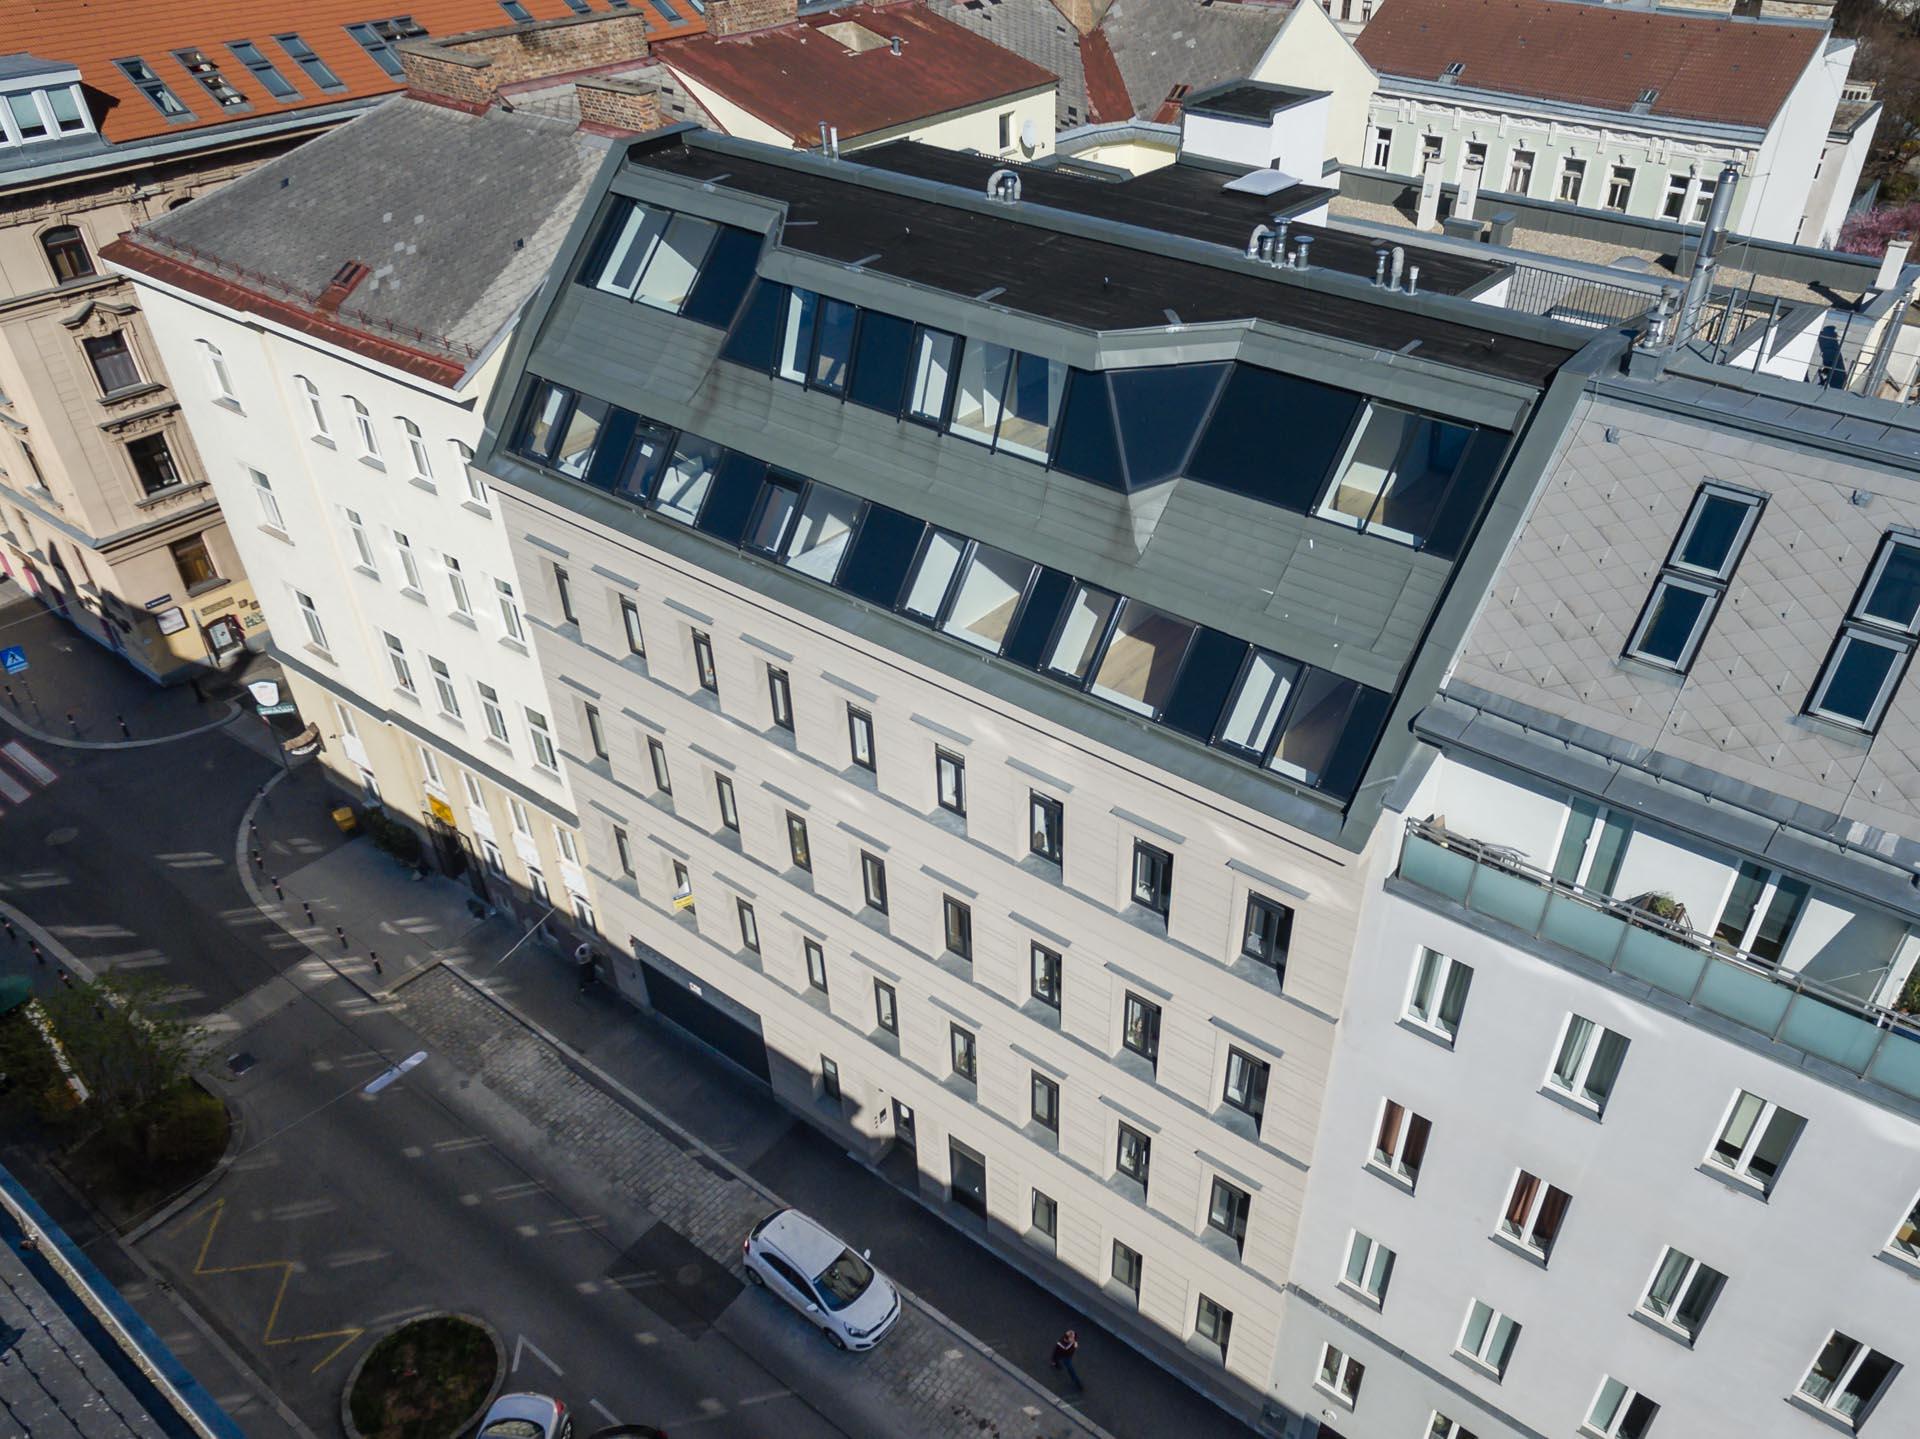 AVEST Immobilie in der Hollergasse 40, 1150 Wien. Straßenseite, Aufnahme von oben